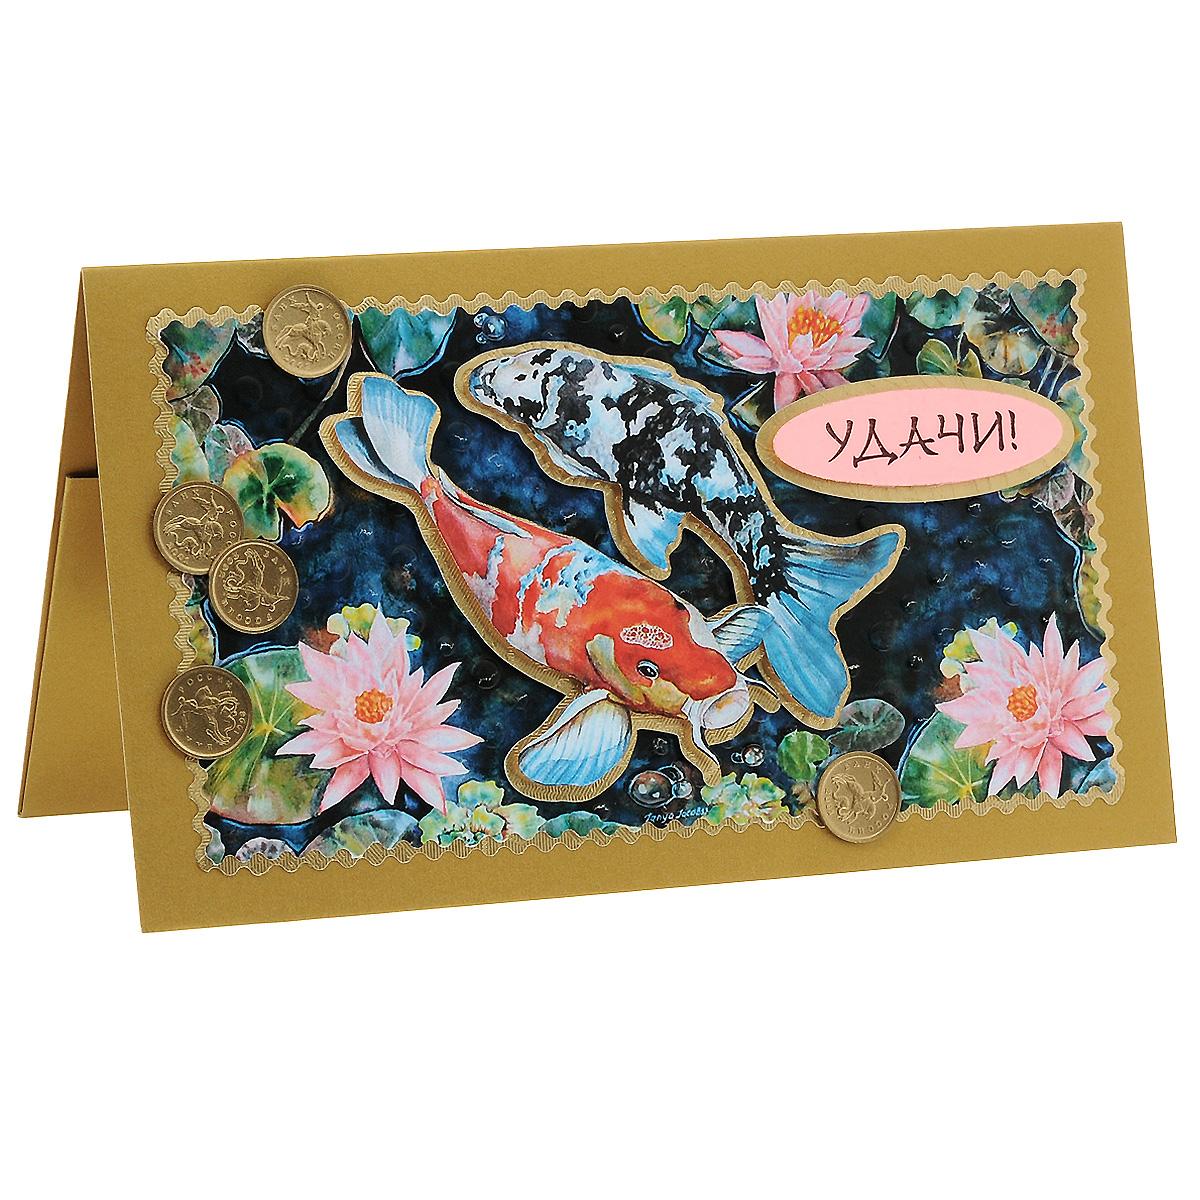 ОРАЗ-0002 Открытка-конверт «Удачи!» (карпы). Студия «Тётя Роза»Винтажные открытки №97Характеристики: Размер 19 см x 11 см. Материал: Высоко-художественный картон, бумага, декор. Данная открытка может стать как прекрасным дополнением к вашему подарку, так и самостоятельным подарком. Так как открытка является и конвертом, в который вы можете вложить ваш денежный подарок или просто написать ваши пожелания на вкладыше. Очень яркая и праздничная открытка с пожеланиями удачи! Все восточные символы удачи изображены на лицевой части. Многозначность семиотических смыслов несет в себе каждый элемент открытки. Также открытка упакована в пакетик для сохранности. Обращаем Ваше внимание на то, что открытка может незначительно отличаться от представленной на фото.